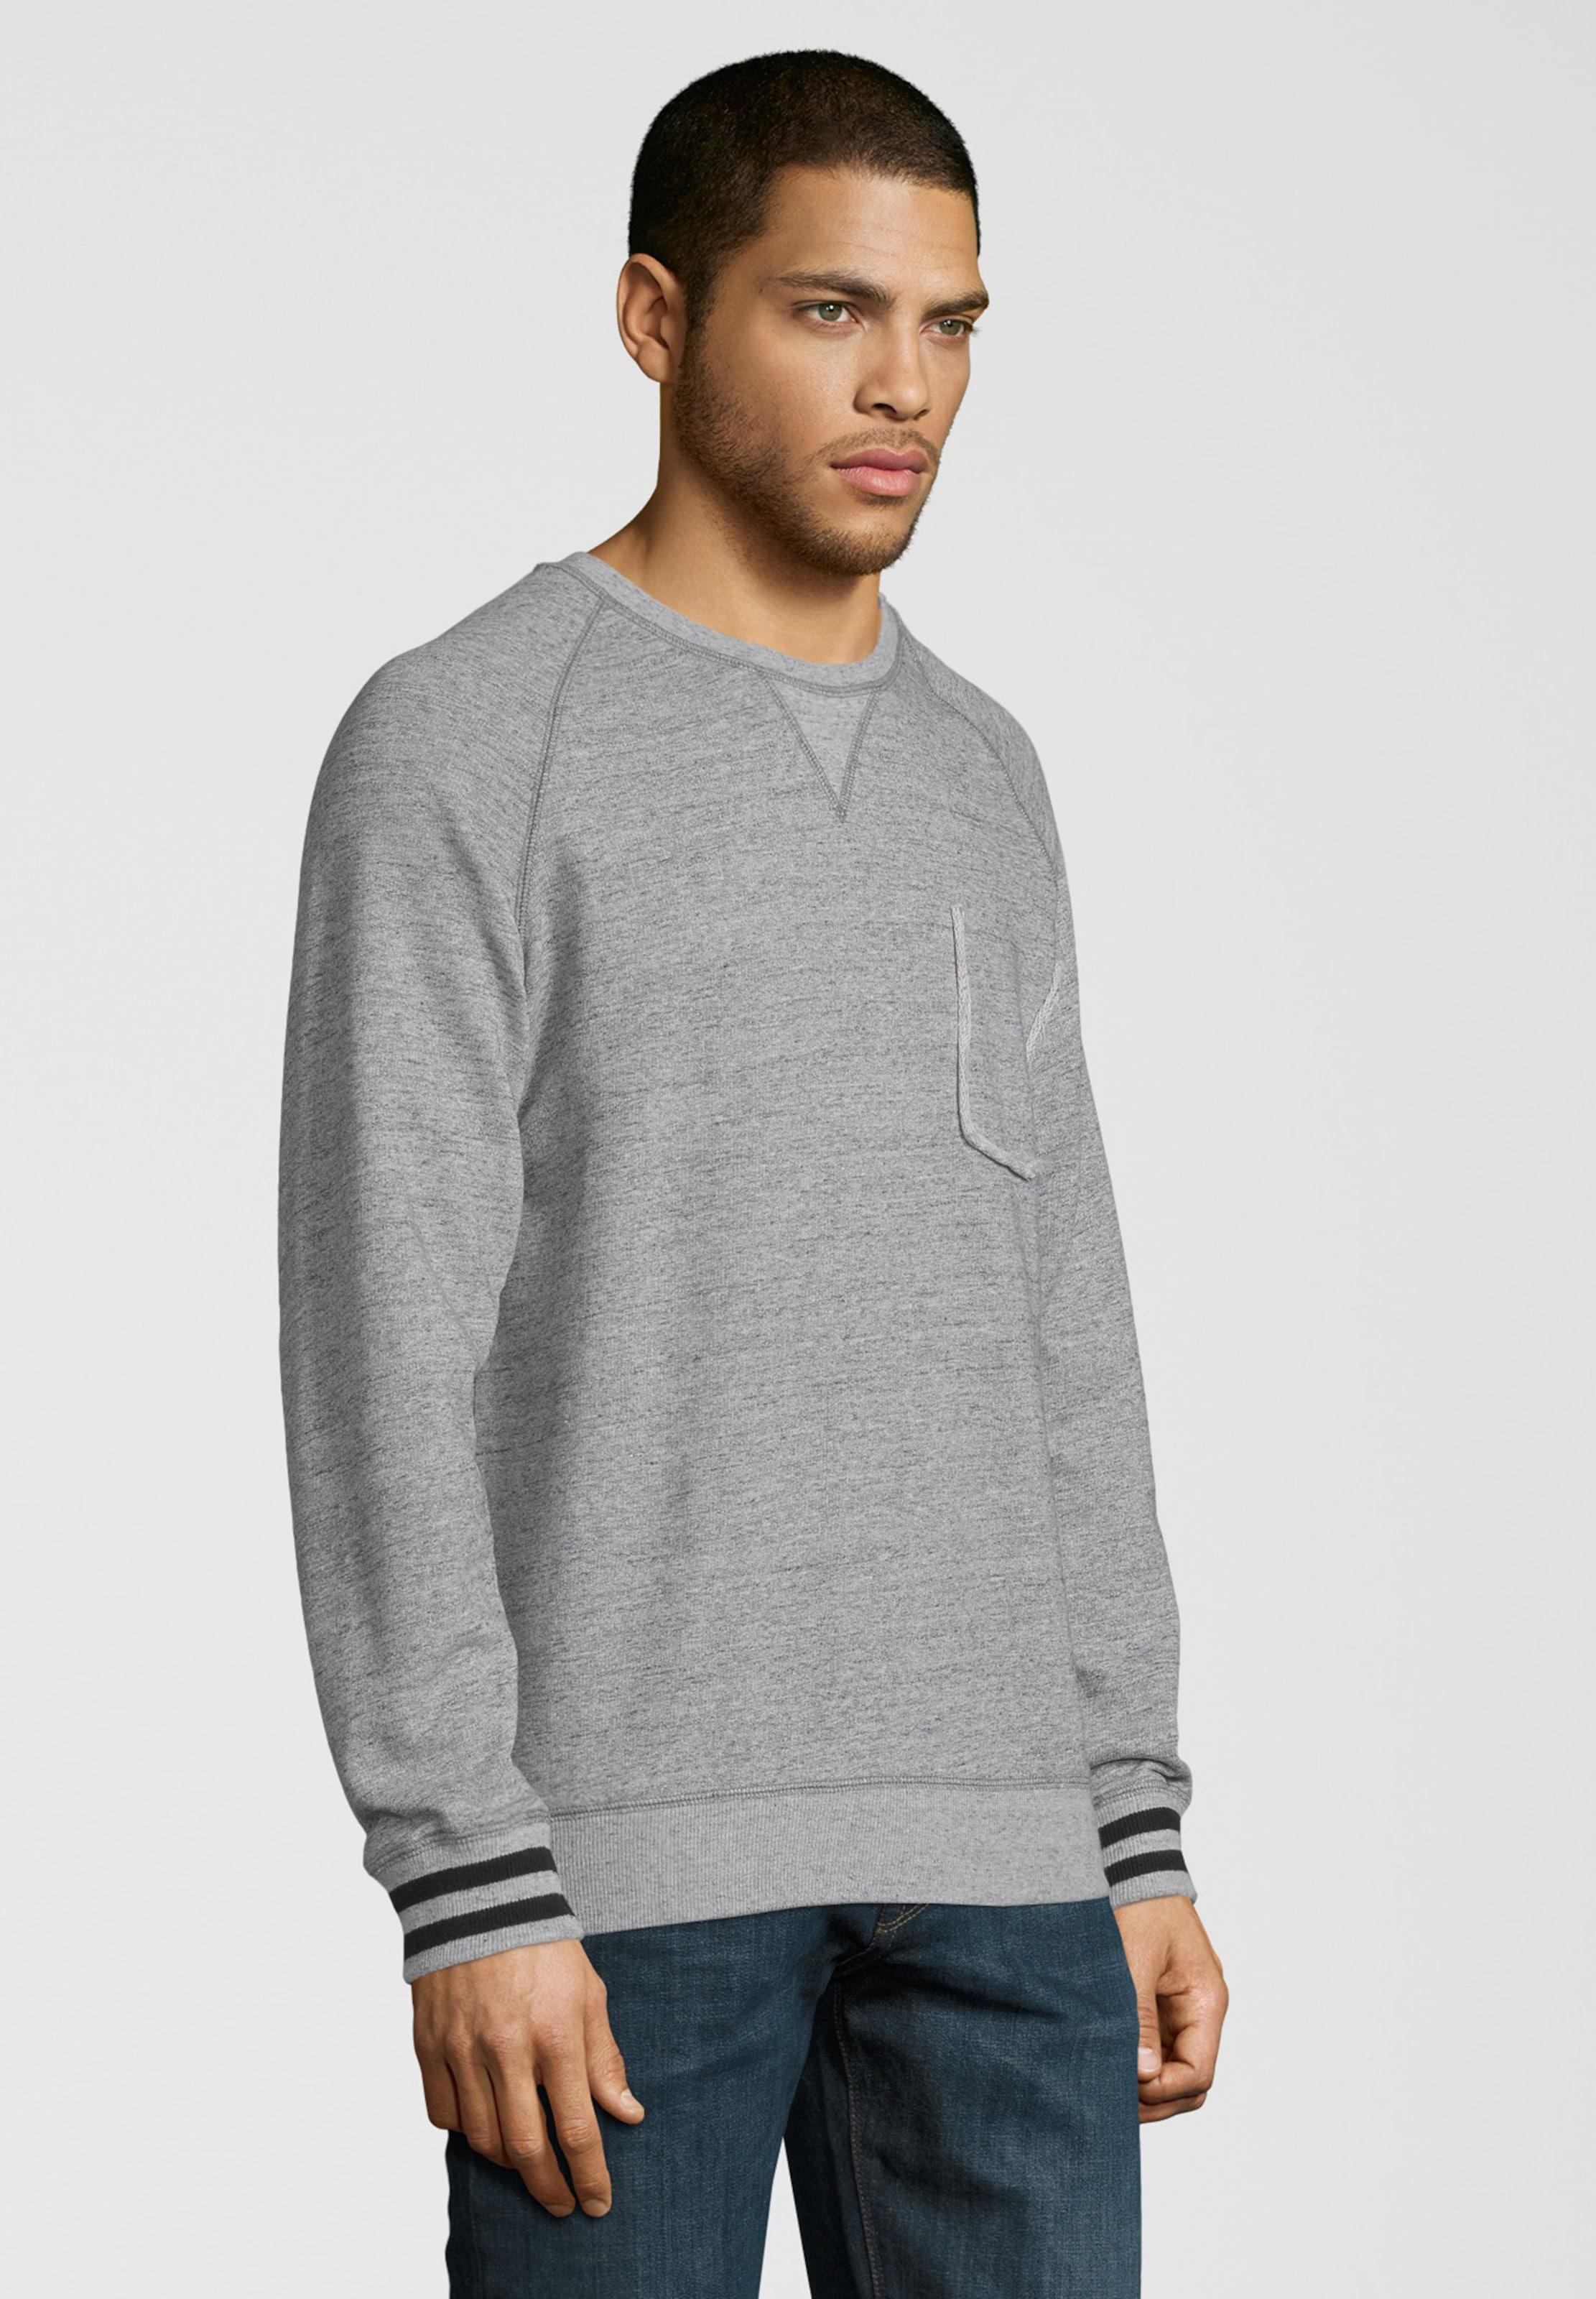 In GrauSchwarz In Sweatshirt GrauSchwarz GrauSchwarz Sweatshirt Sweatshirt Replay Replay In Replay LMVzGqSUp